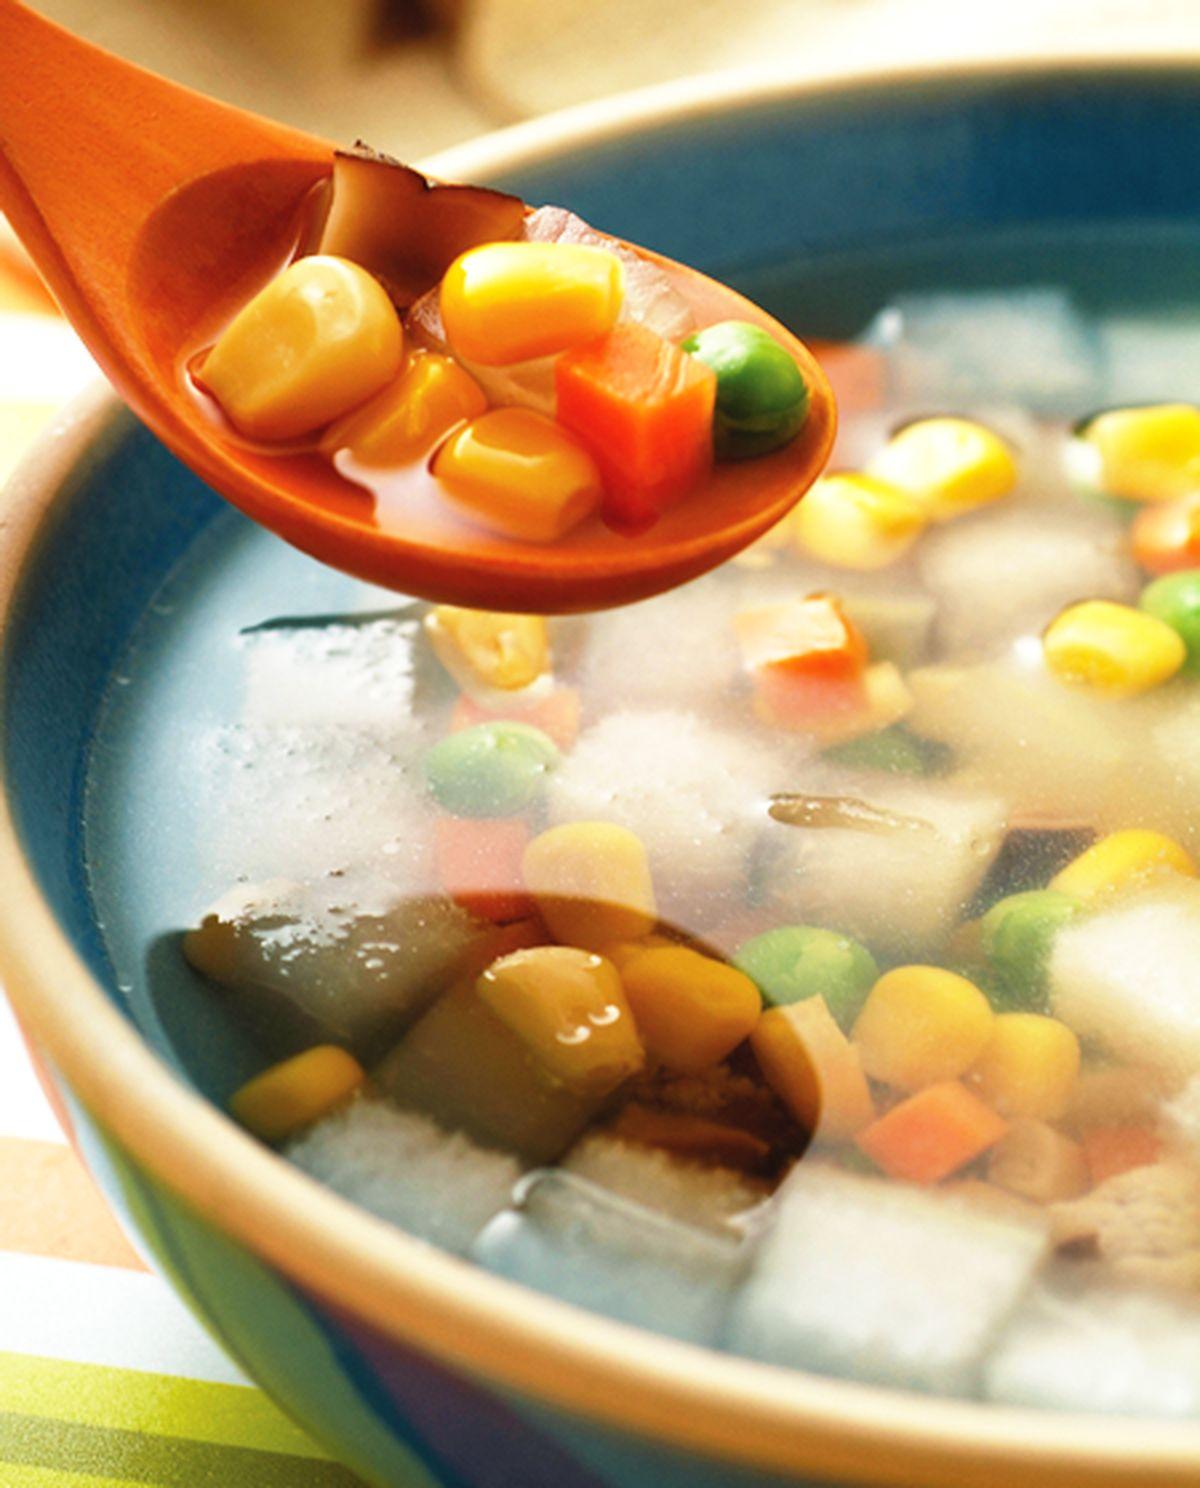 食譜:金玉玉米瓜丁湯